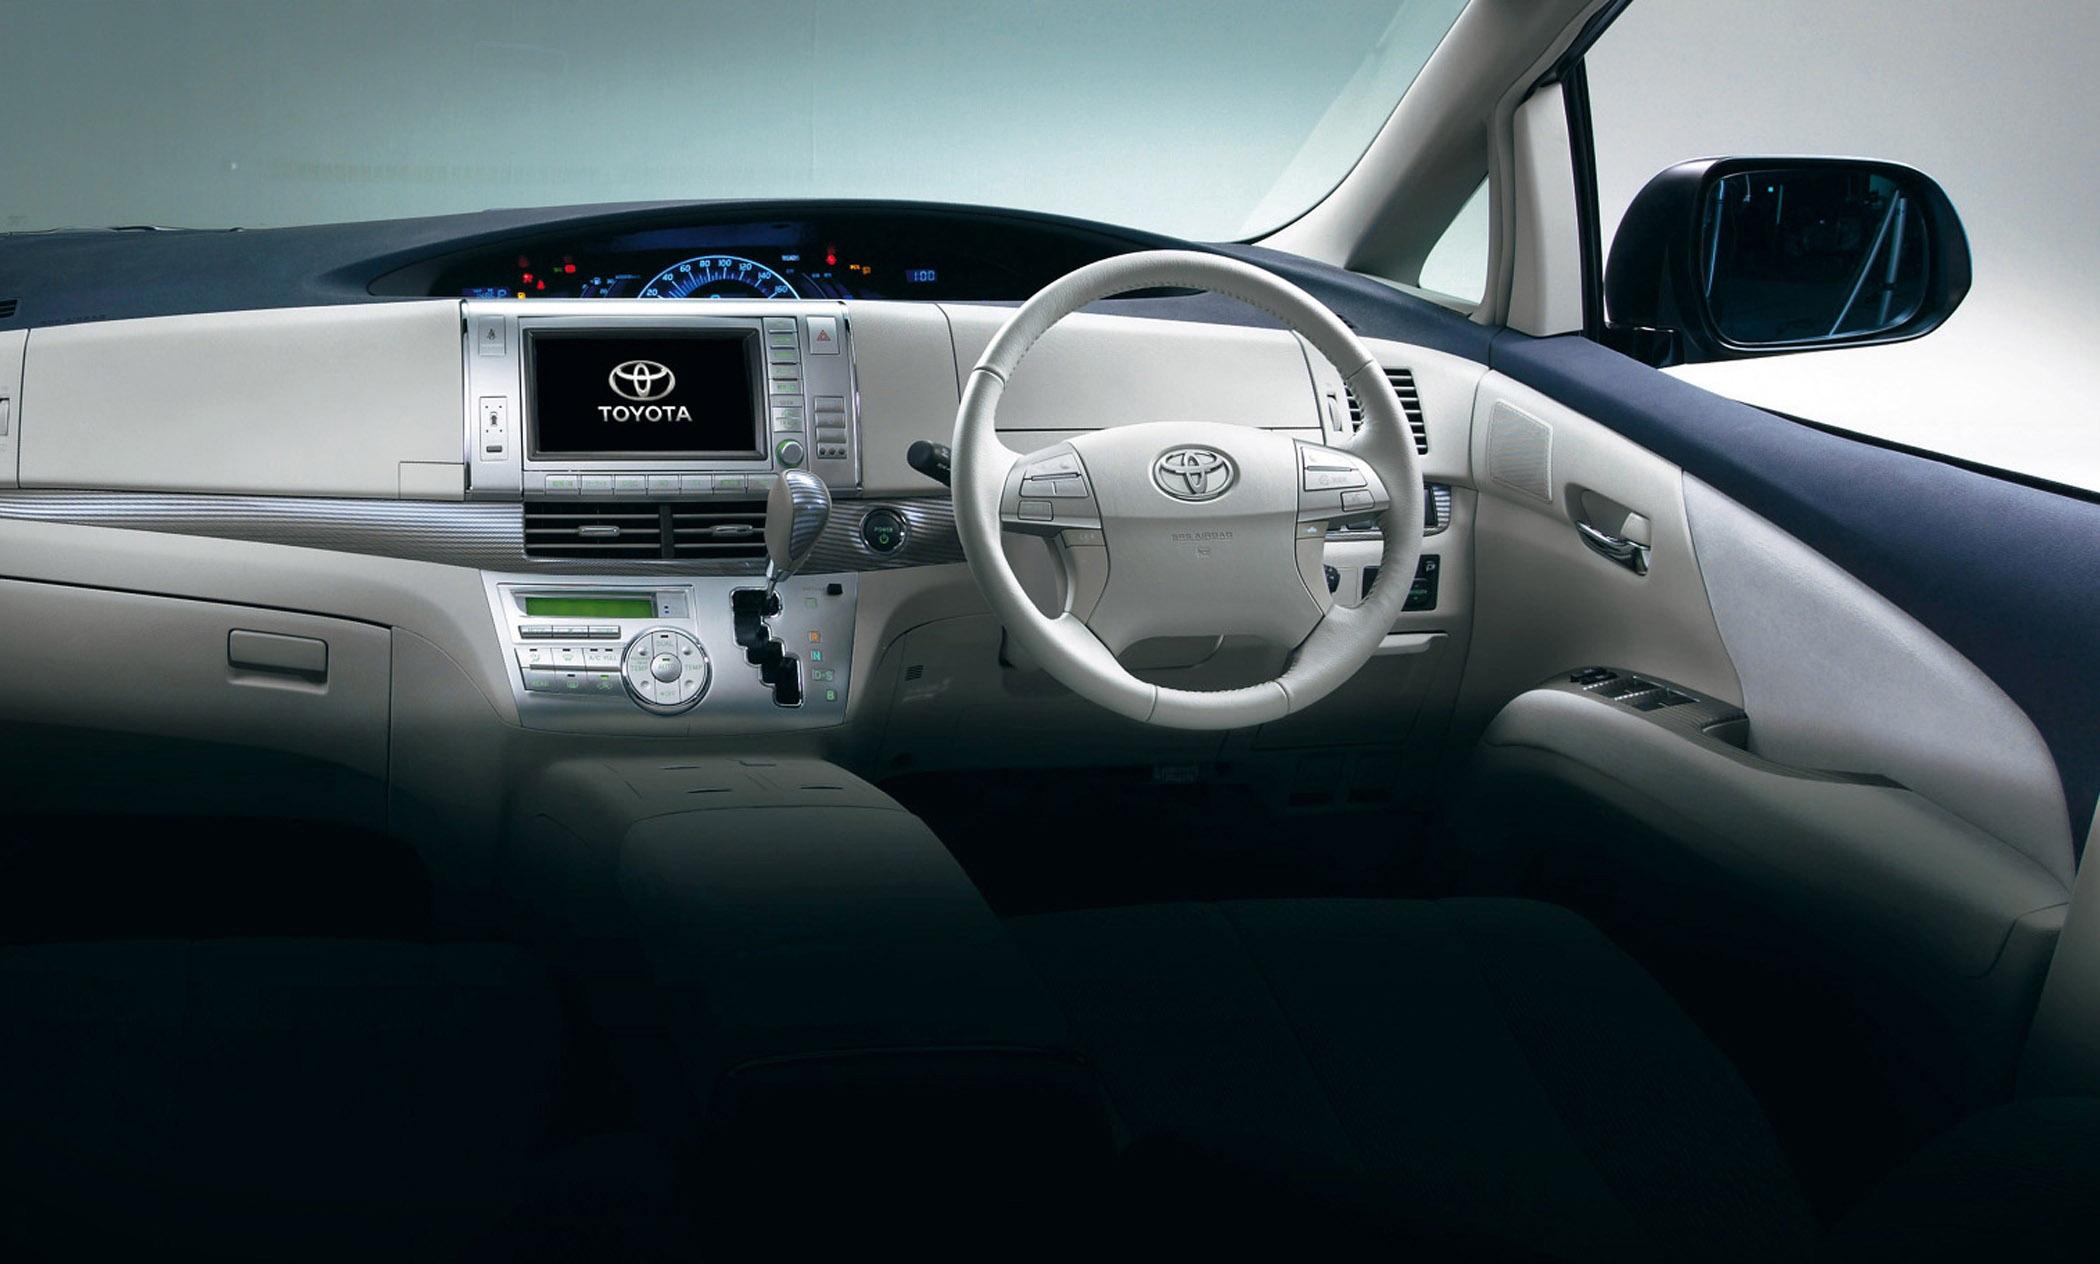 2005 Toyota Estima Hybrid Concept - Picture 77792